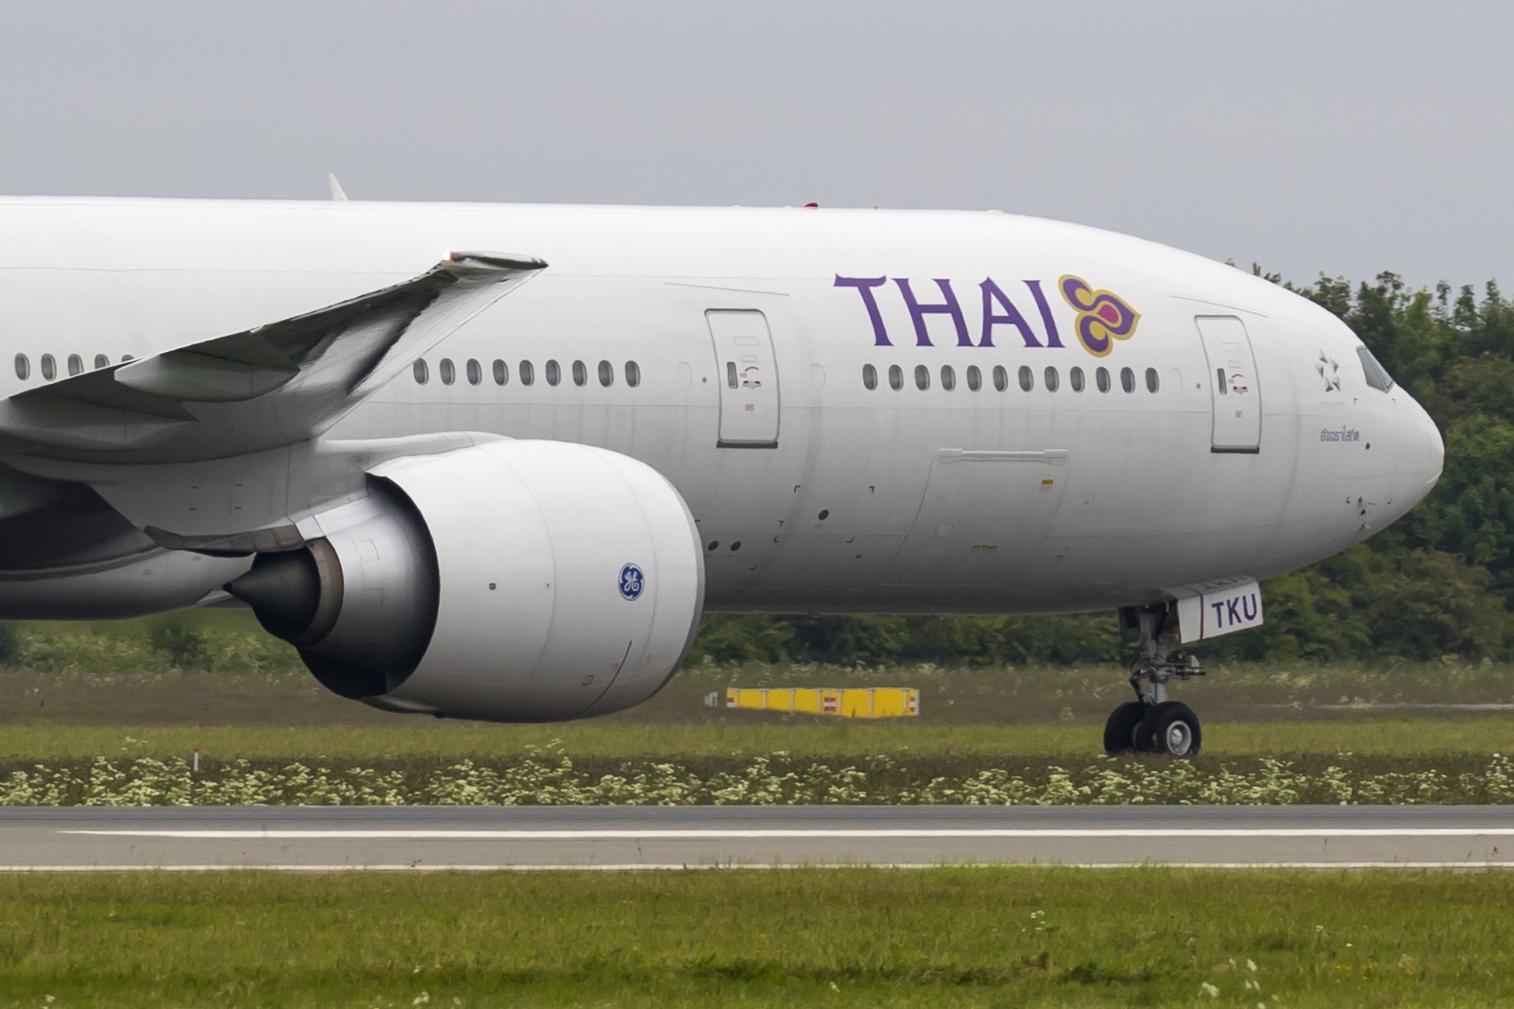 En Boeing 777-300ER fra Thai Airways. Foto: © Thorbjørn Brunander Sund, Danish Aviation Photo